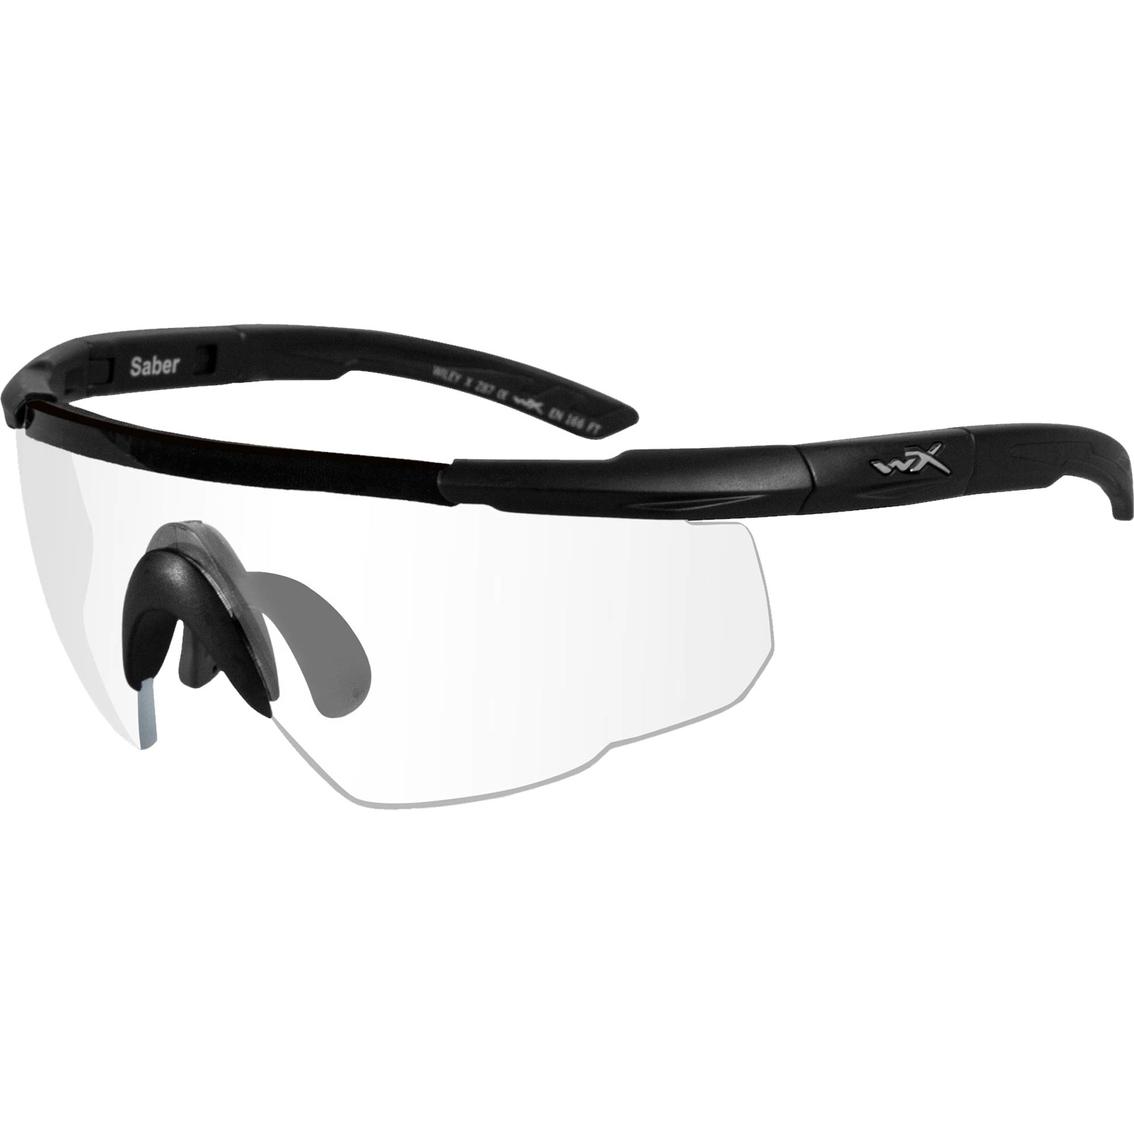 d5e81c7bf0e Wiley X Saber Advanced Sunglasses